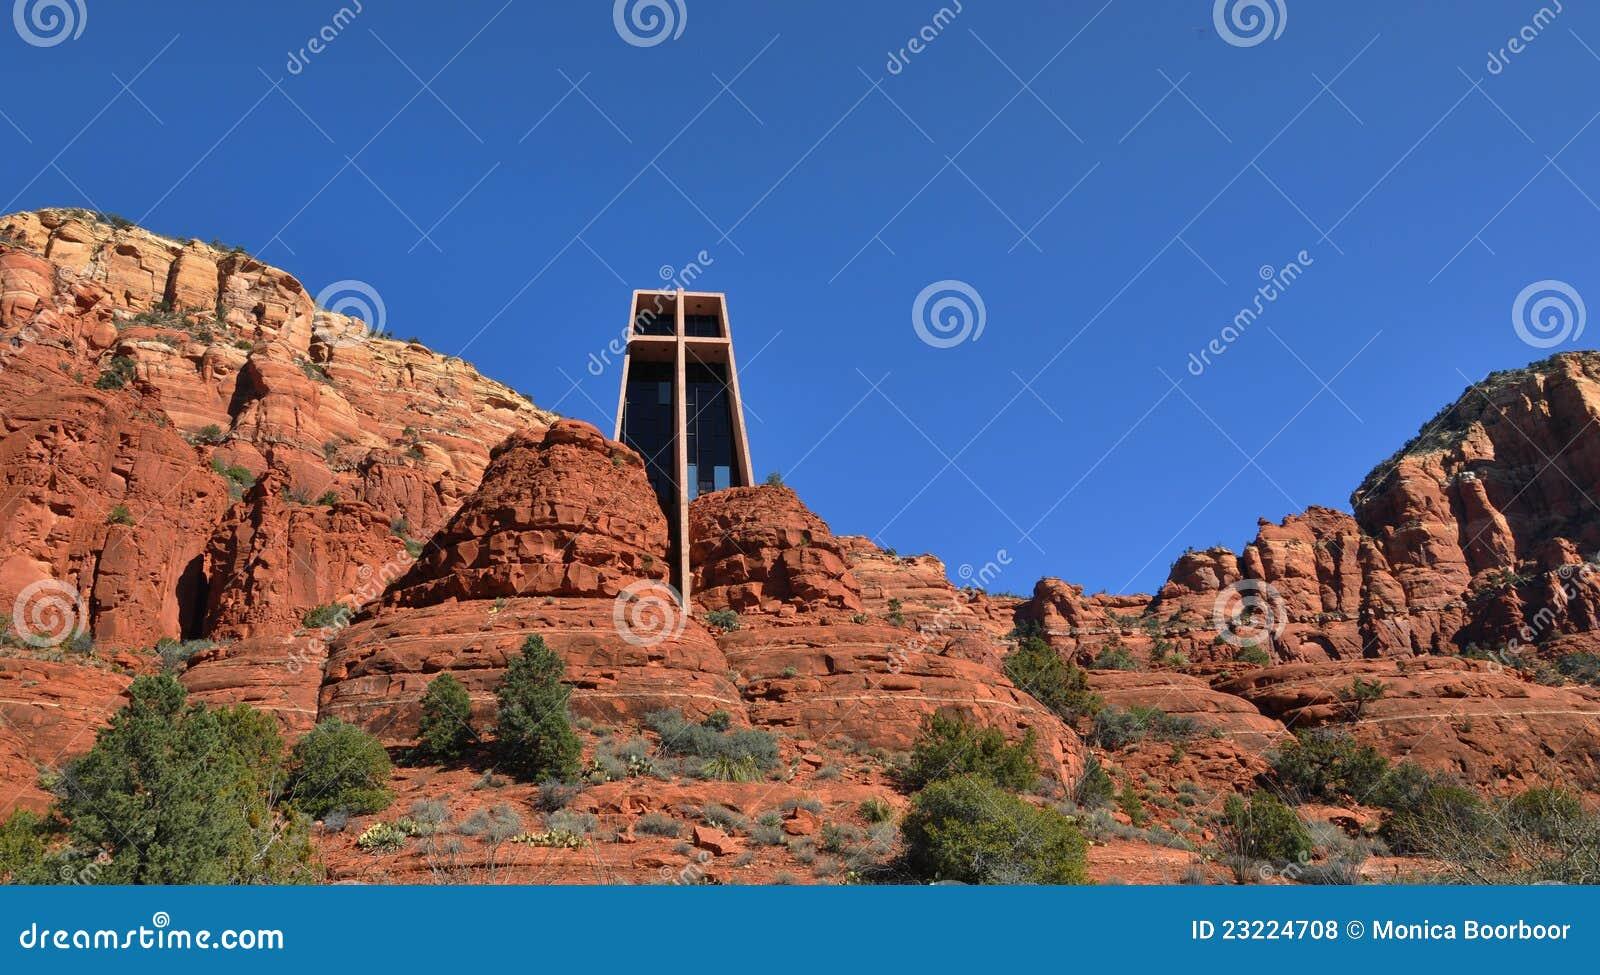 Arizona sedona